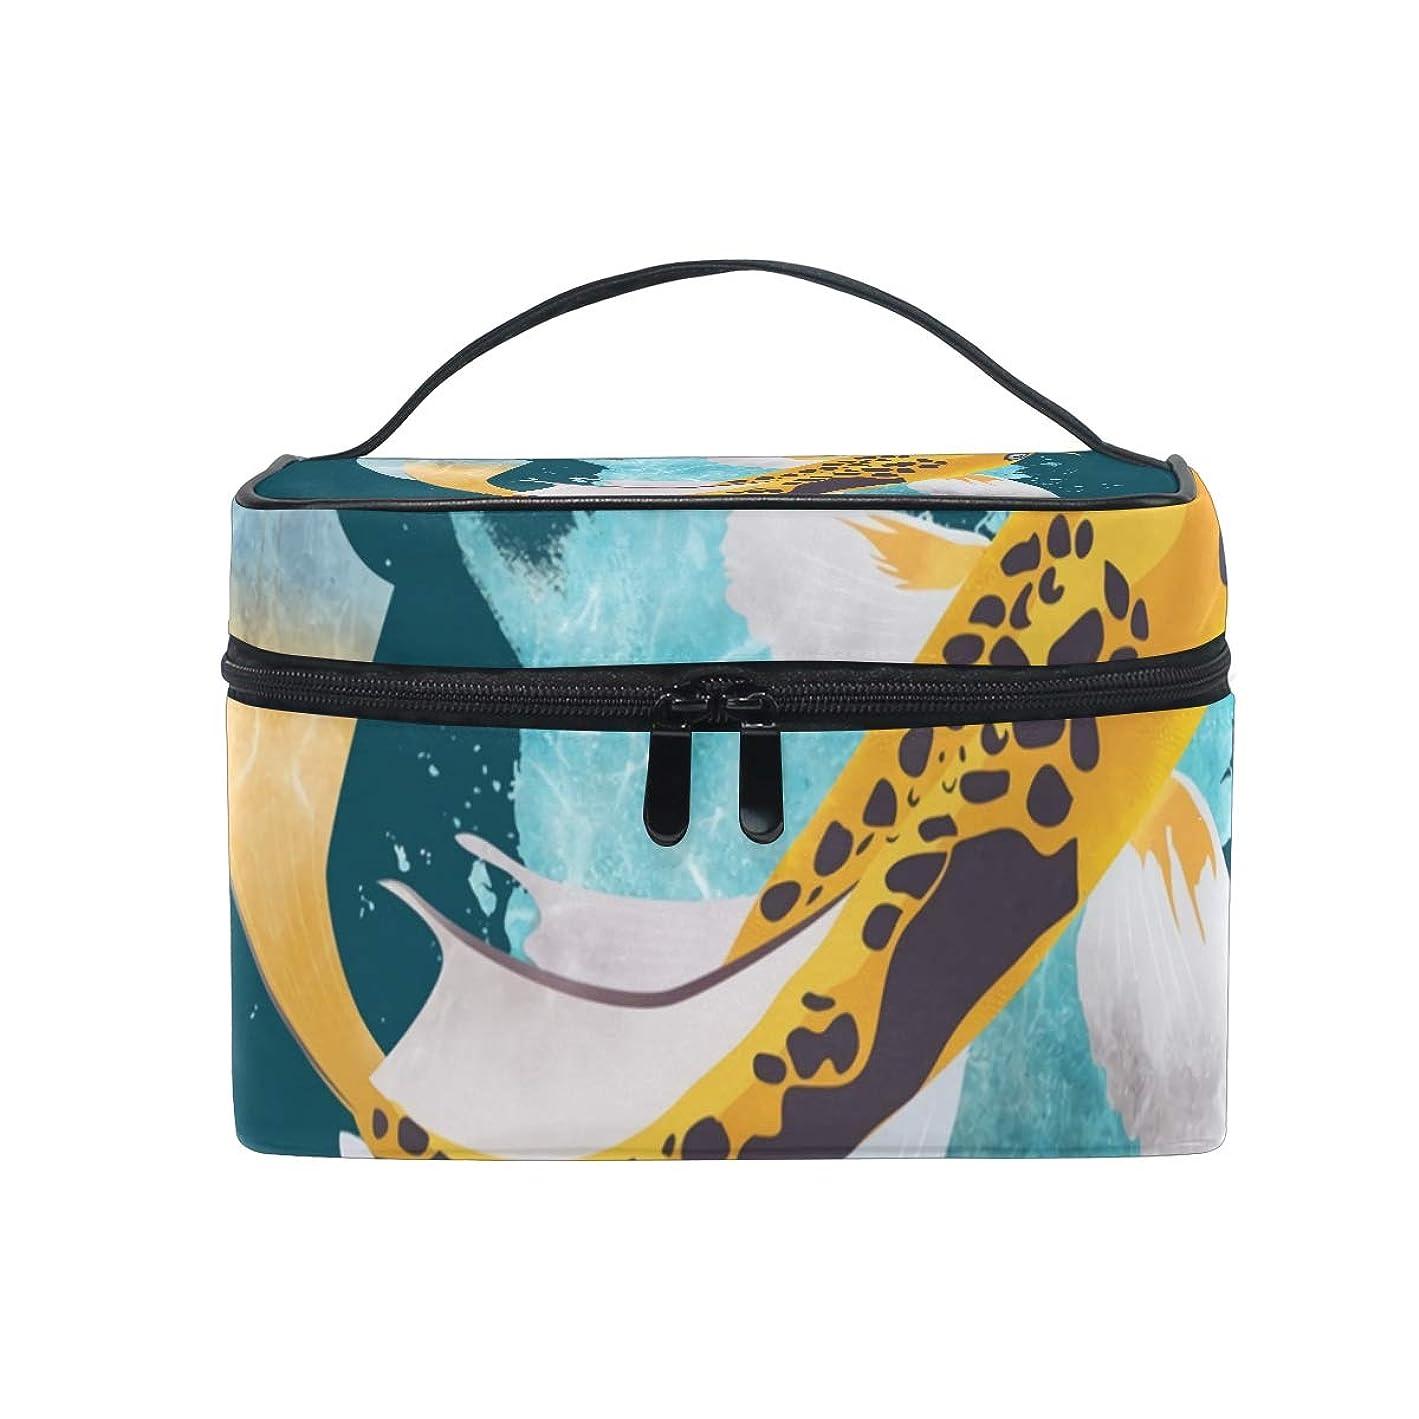 耐えられないアリーナリーメイクボックス 鯉 魚 スプラッシュ柄 化粧ポーチ 化粧品 化粧道具 小物入れ メイクブラシバッグ 大容量 旅行用 収納ケース